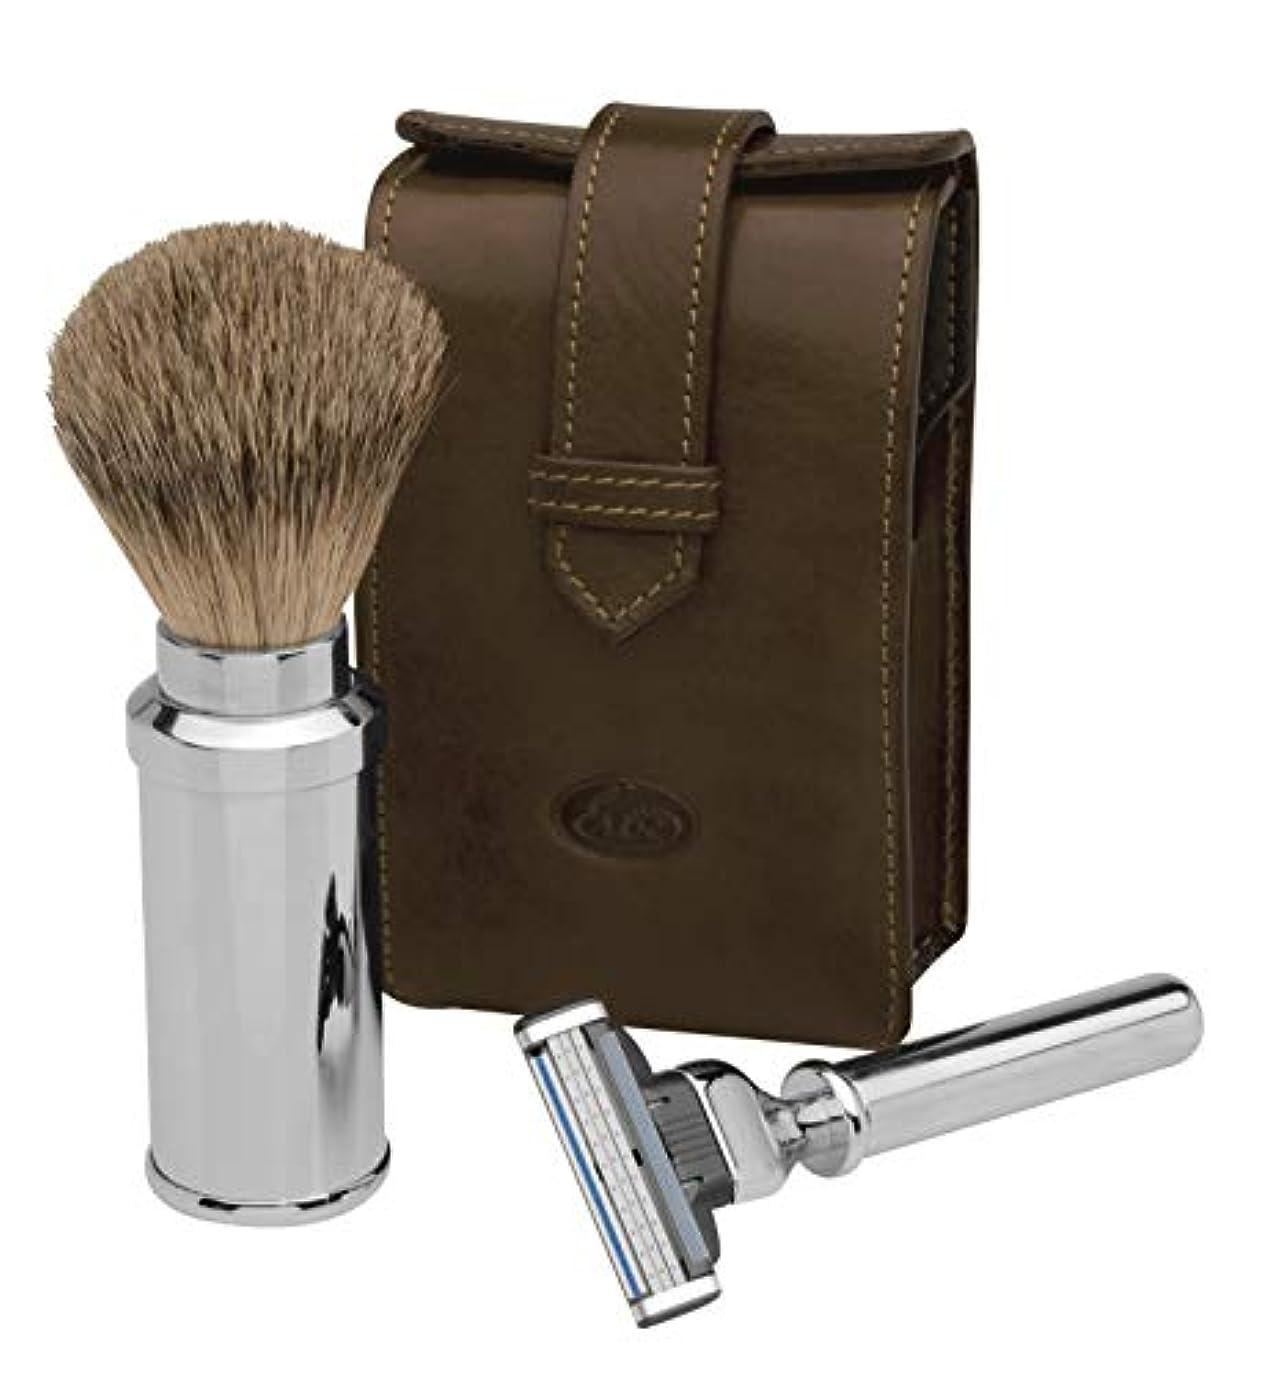 監督する伸ばすかもしれないErbe Travel Shaving Set, Razor and Shaving Brush in brown Leather Pocket